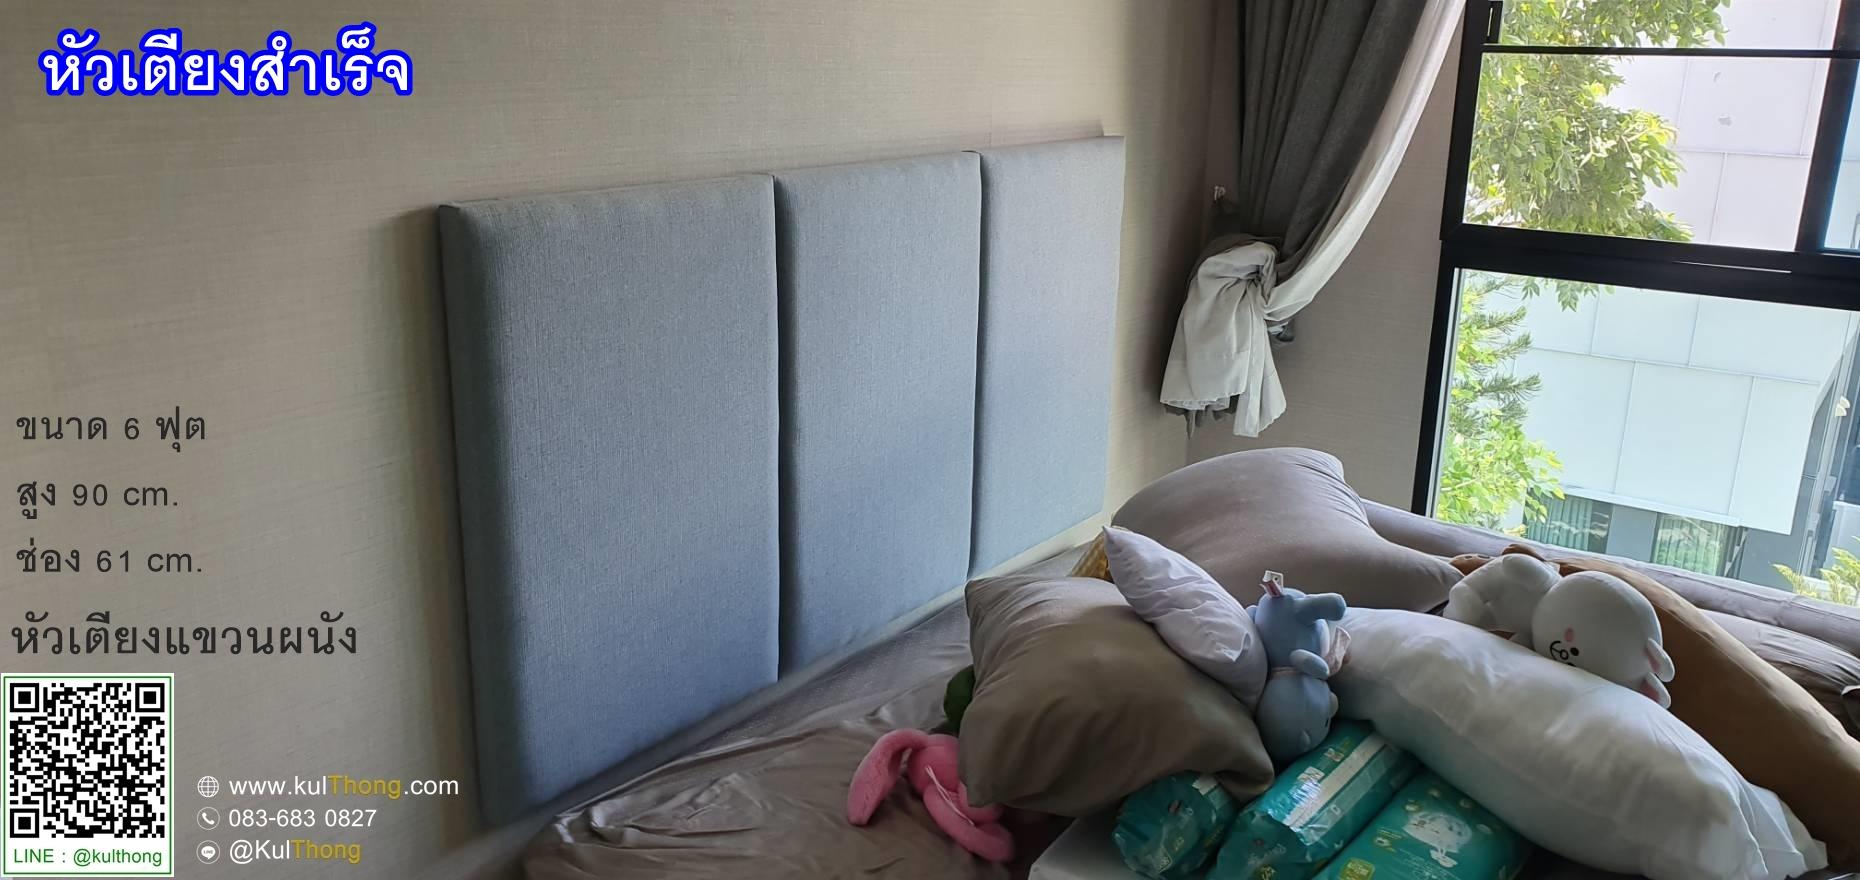 แผ่นหัวเตียง หัวเตียงแขวนผนัง